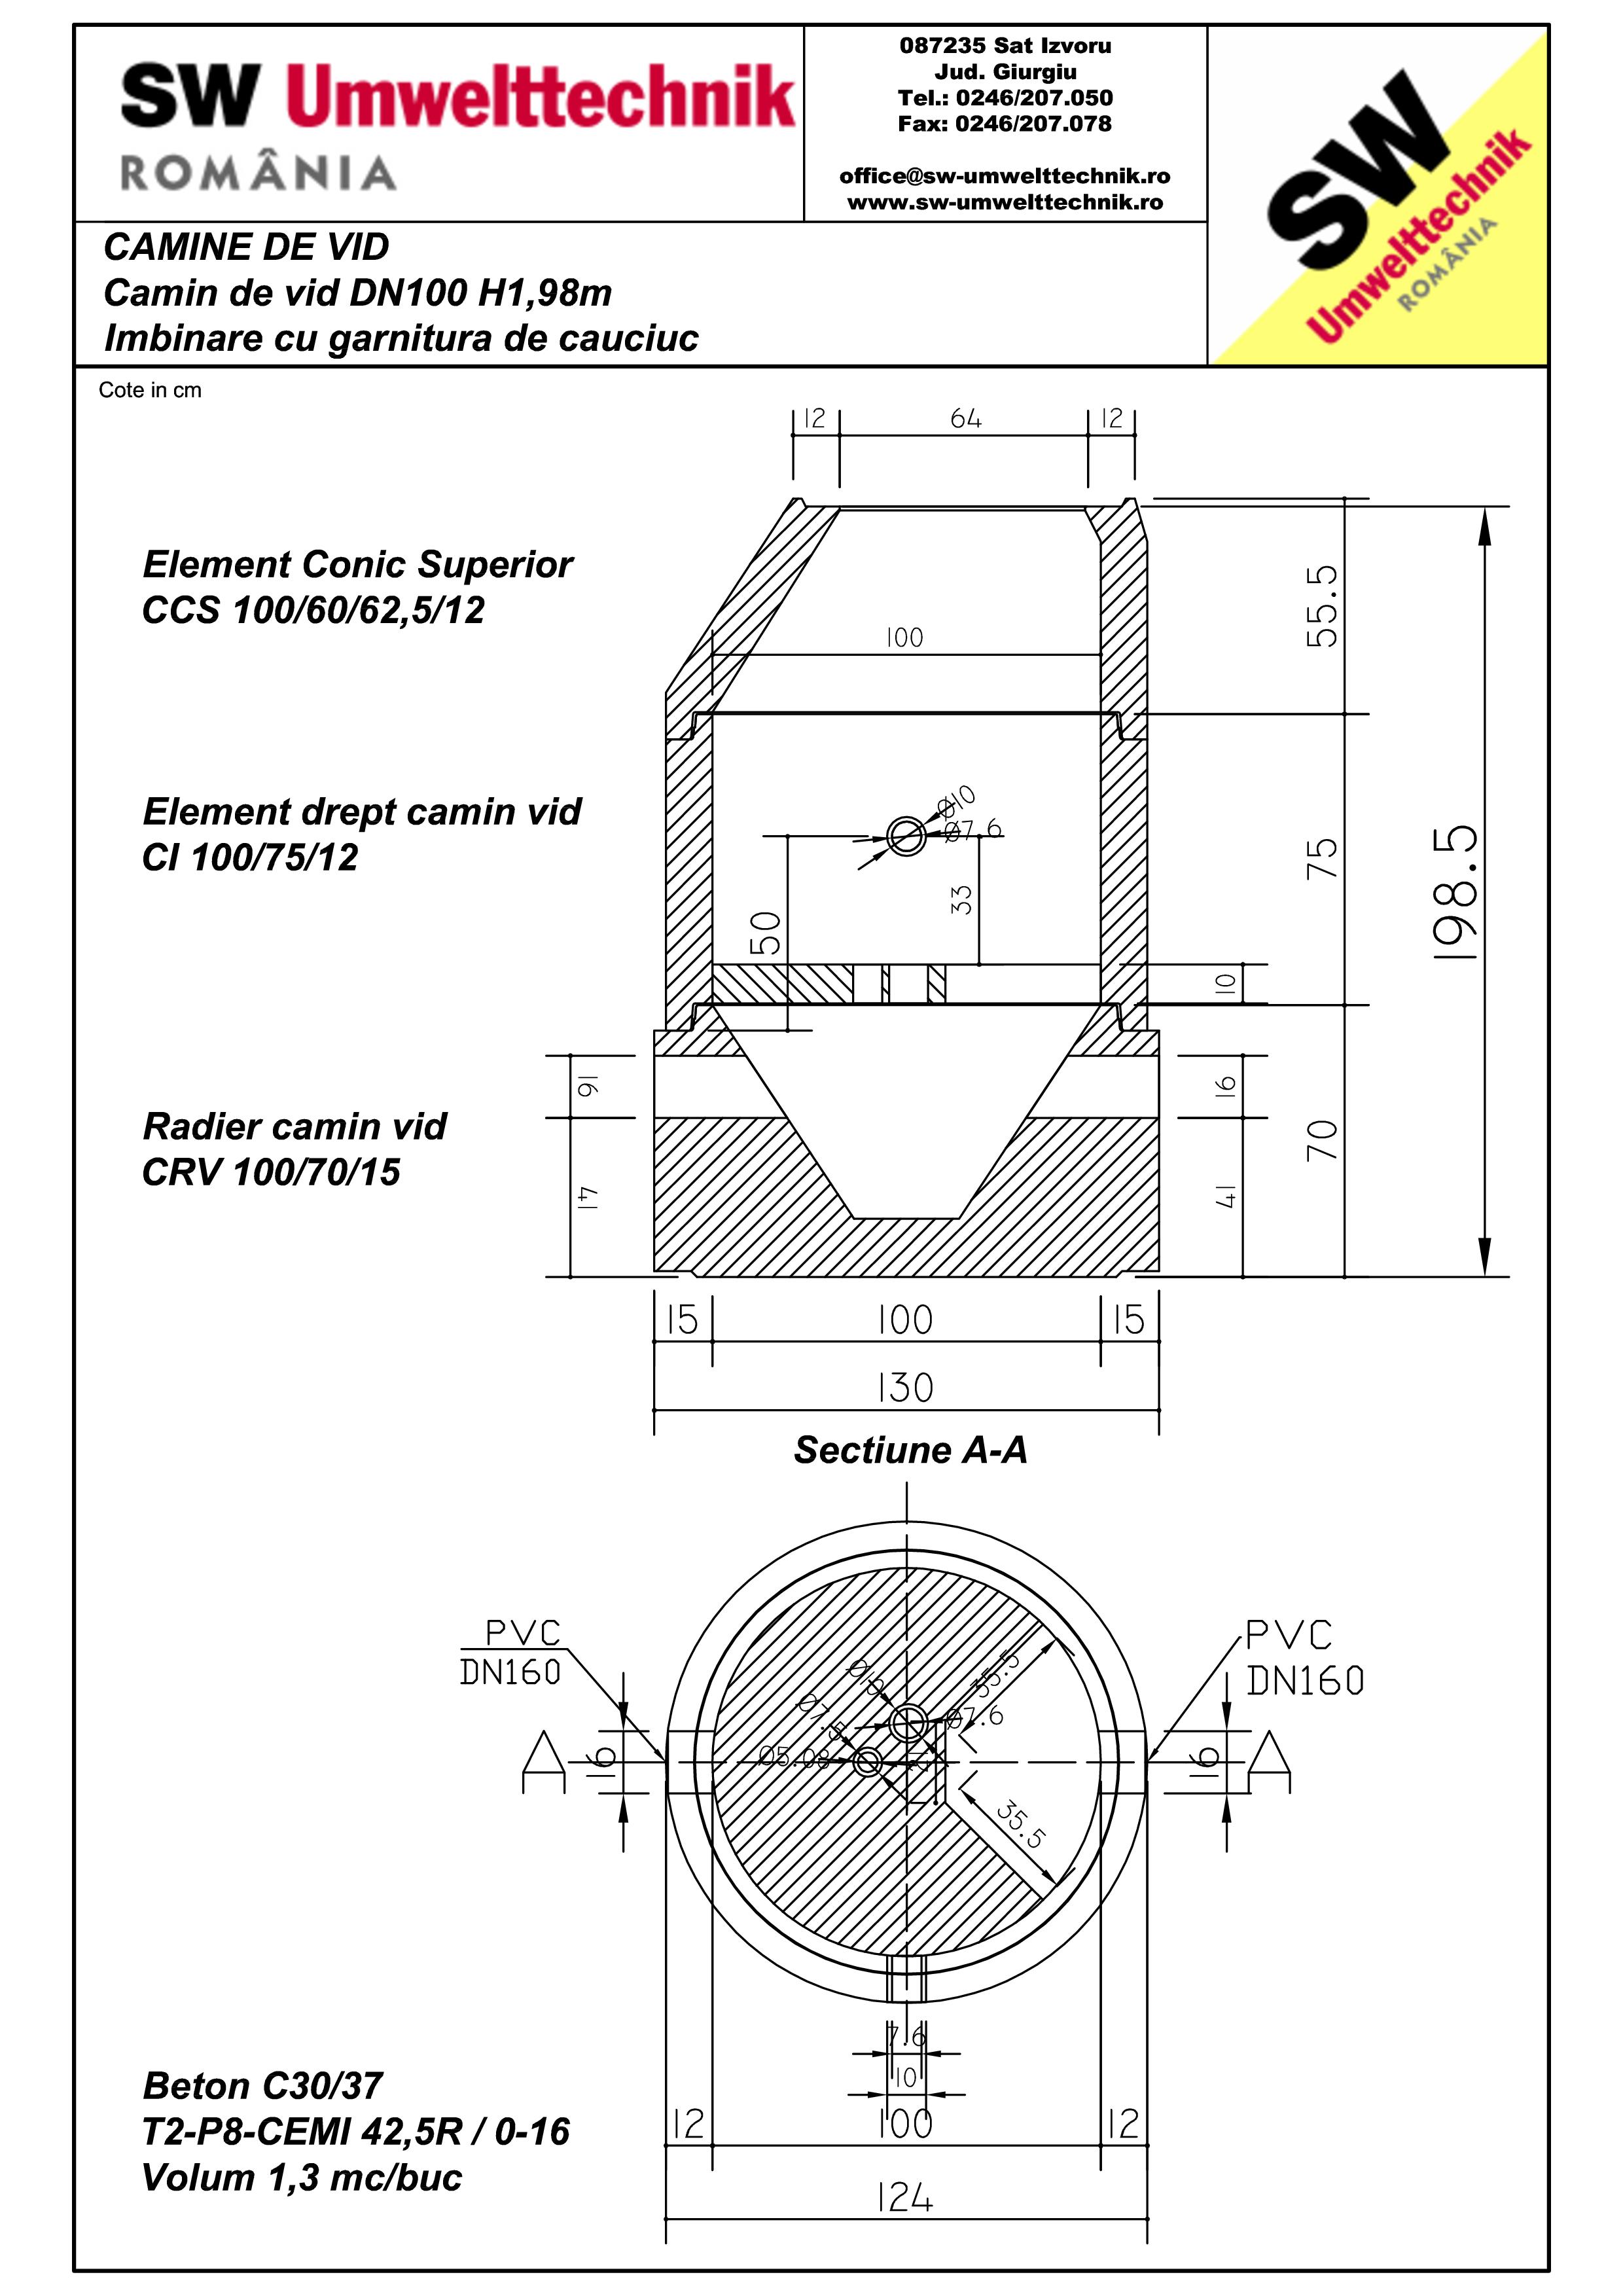 Pagina 1 - CAD-PDF Camin de vid DN1000 H1,98cm SW UMWELTTECHNIK Detaliu de produs